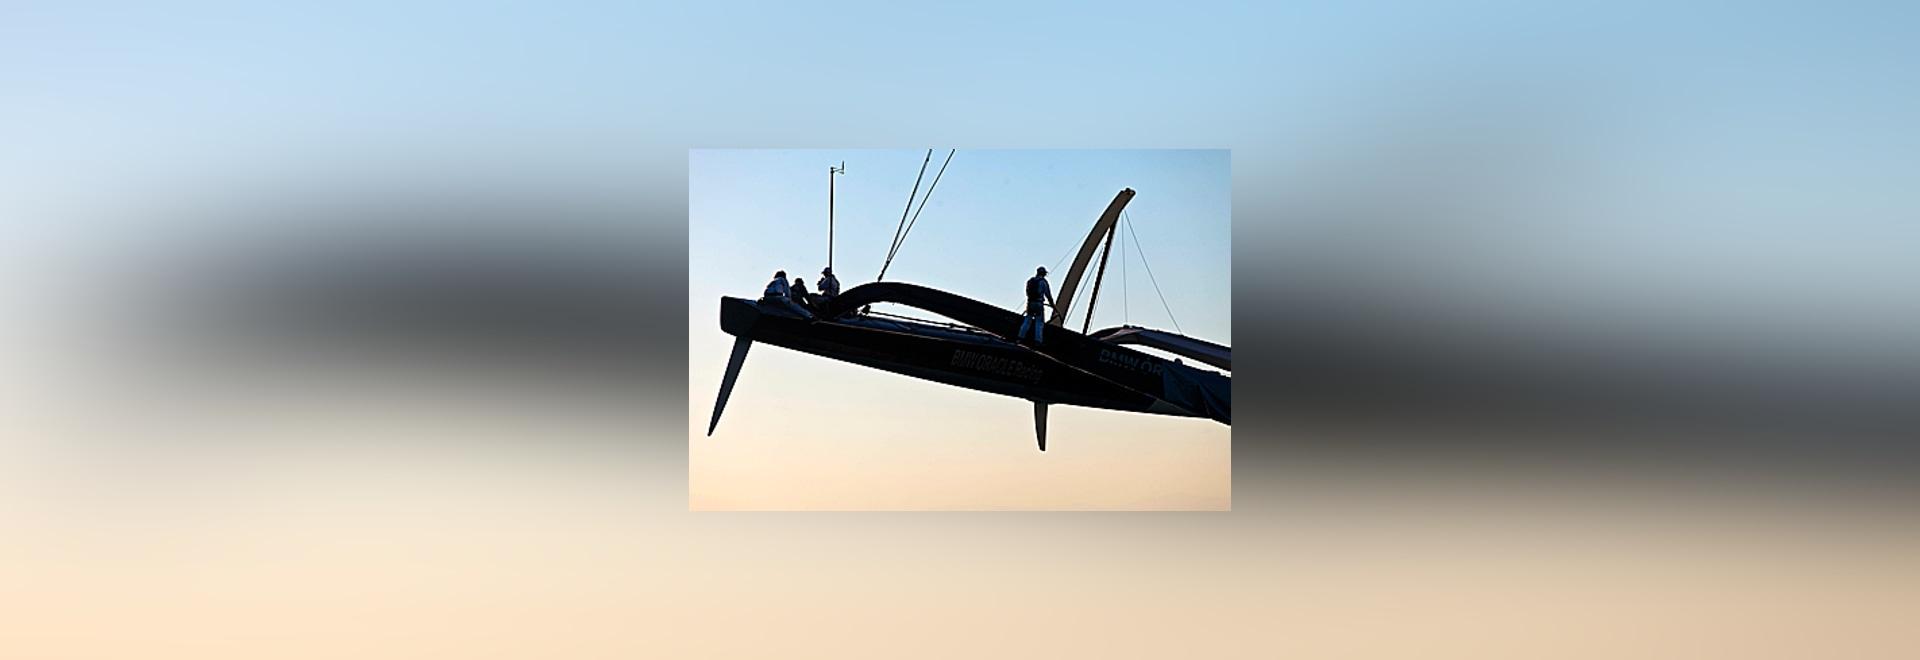 Le homme de barre sur les 90 ? (27.4 m) Amérique ? le gagnant BMW Oracle de tasse de s est rapetissé par le daggerboard incurvé dans l'ama au vent.